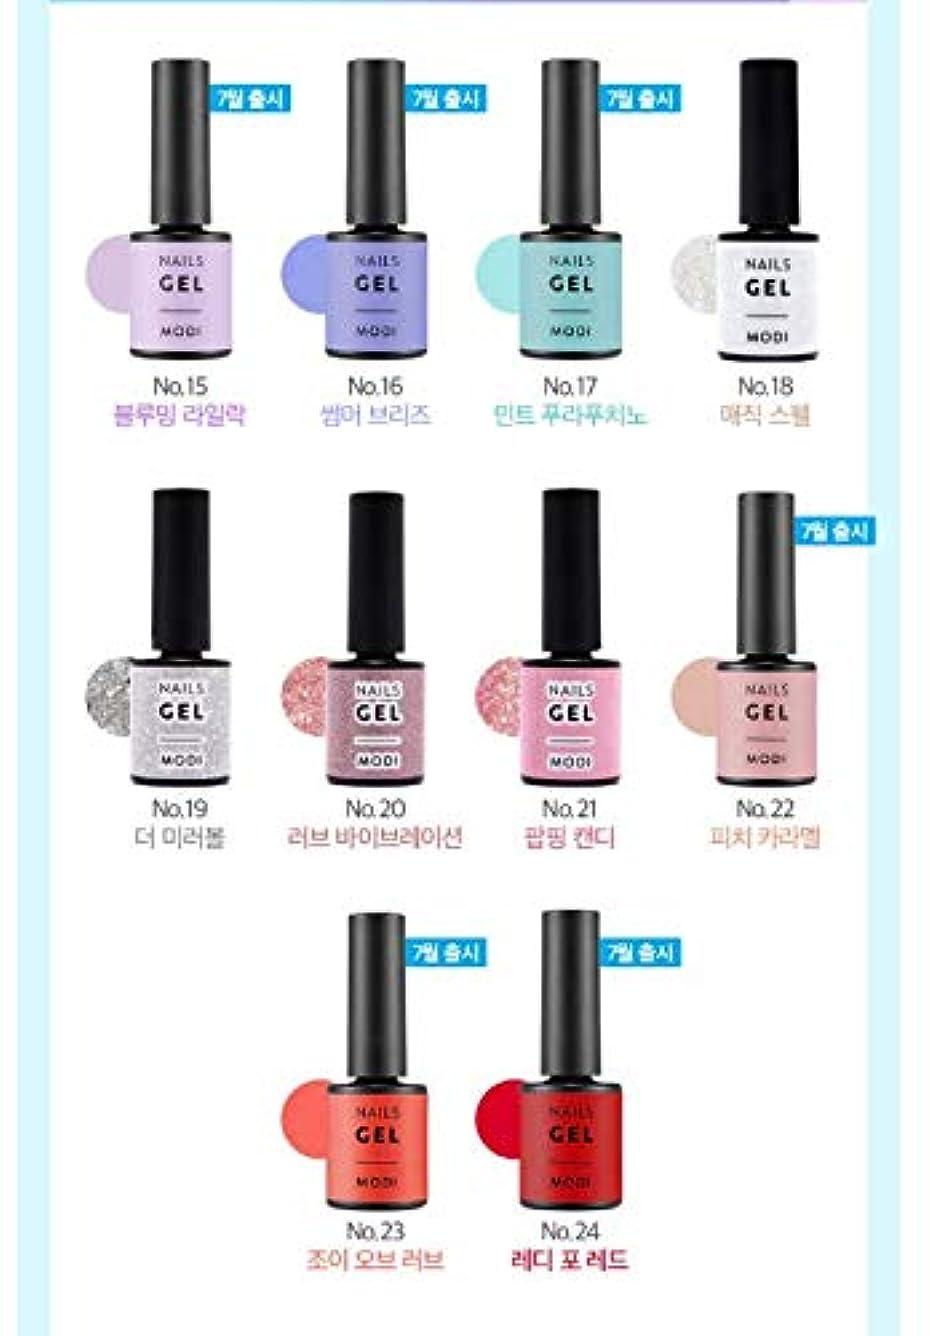 ニュージーランド果てしない特権【アリタウム.aritaum]モディファイゲルネイルズ(9g)/ Modi Gel nails (#7 sweet burgundy)